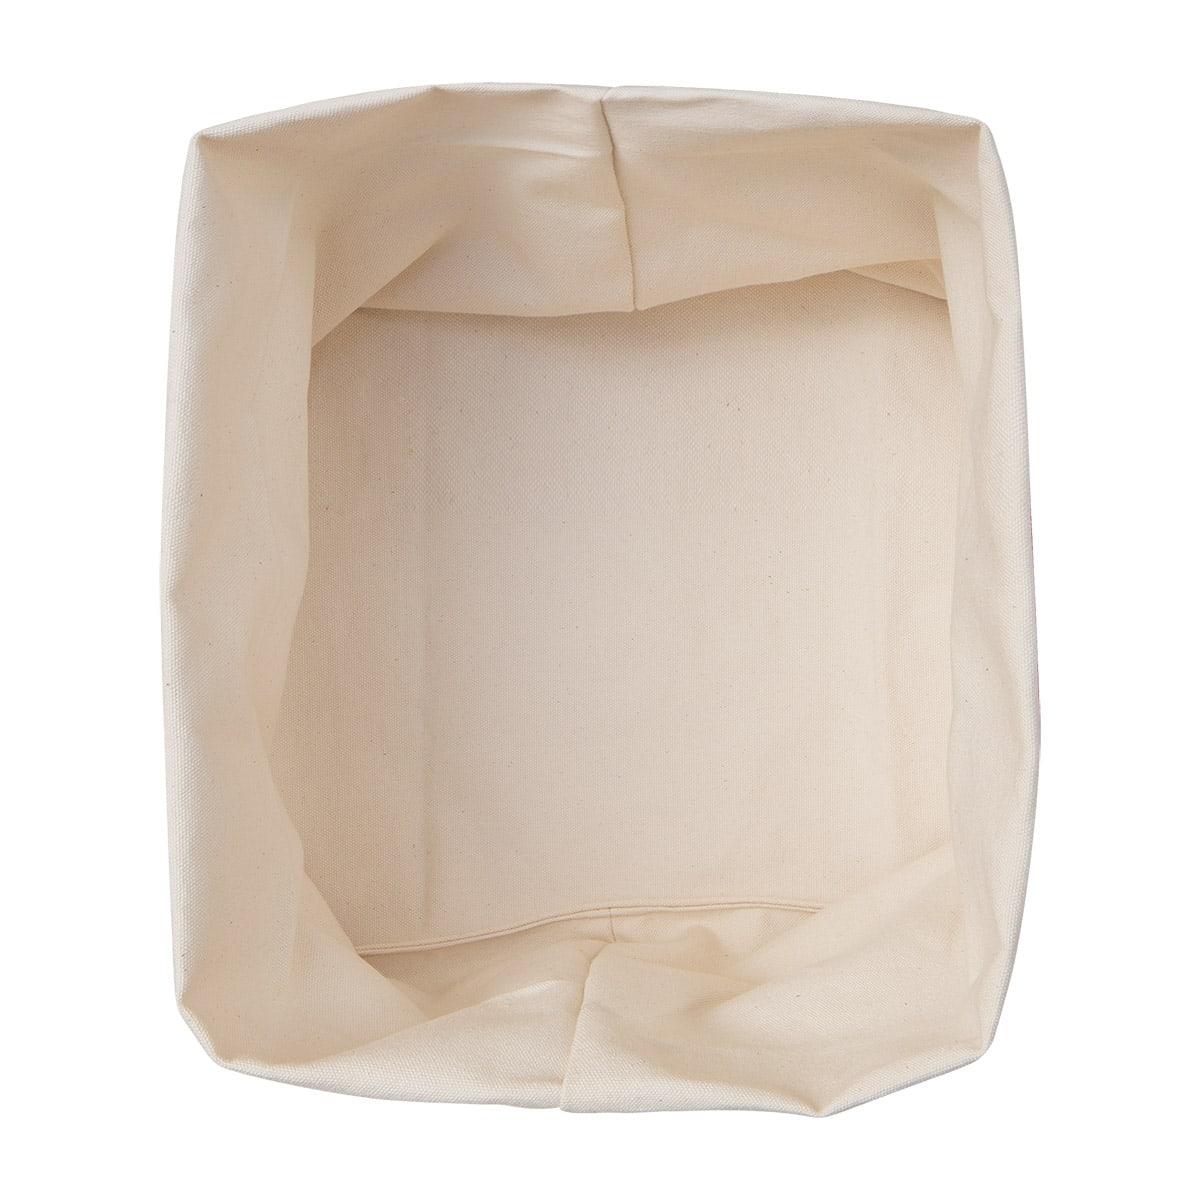 Cesto Organizador • Futon Company ® #826449 1200x1200 Acessorios Banheiro Moema